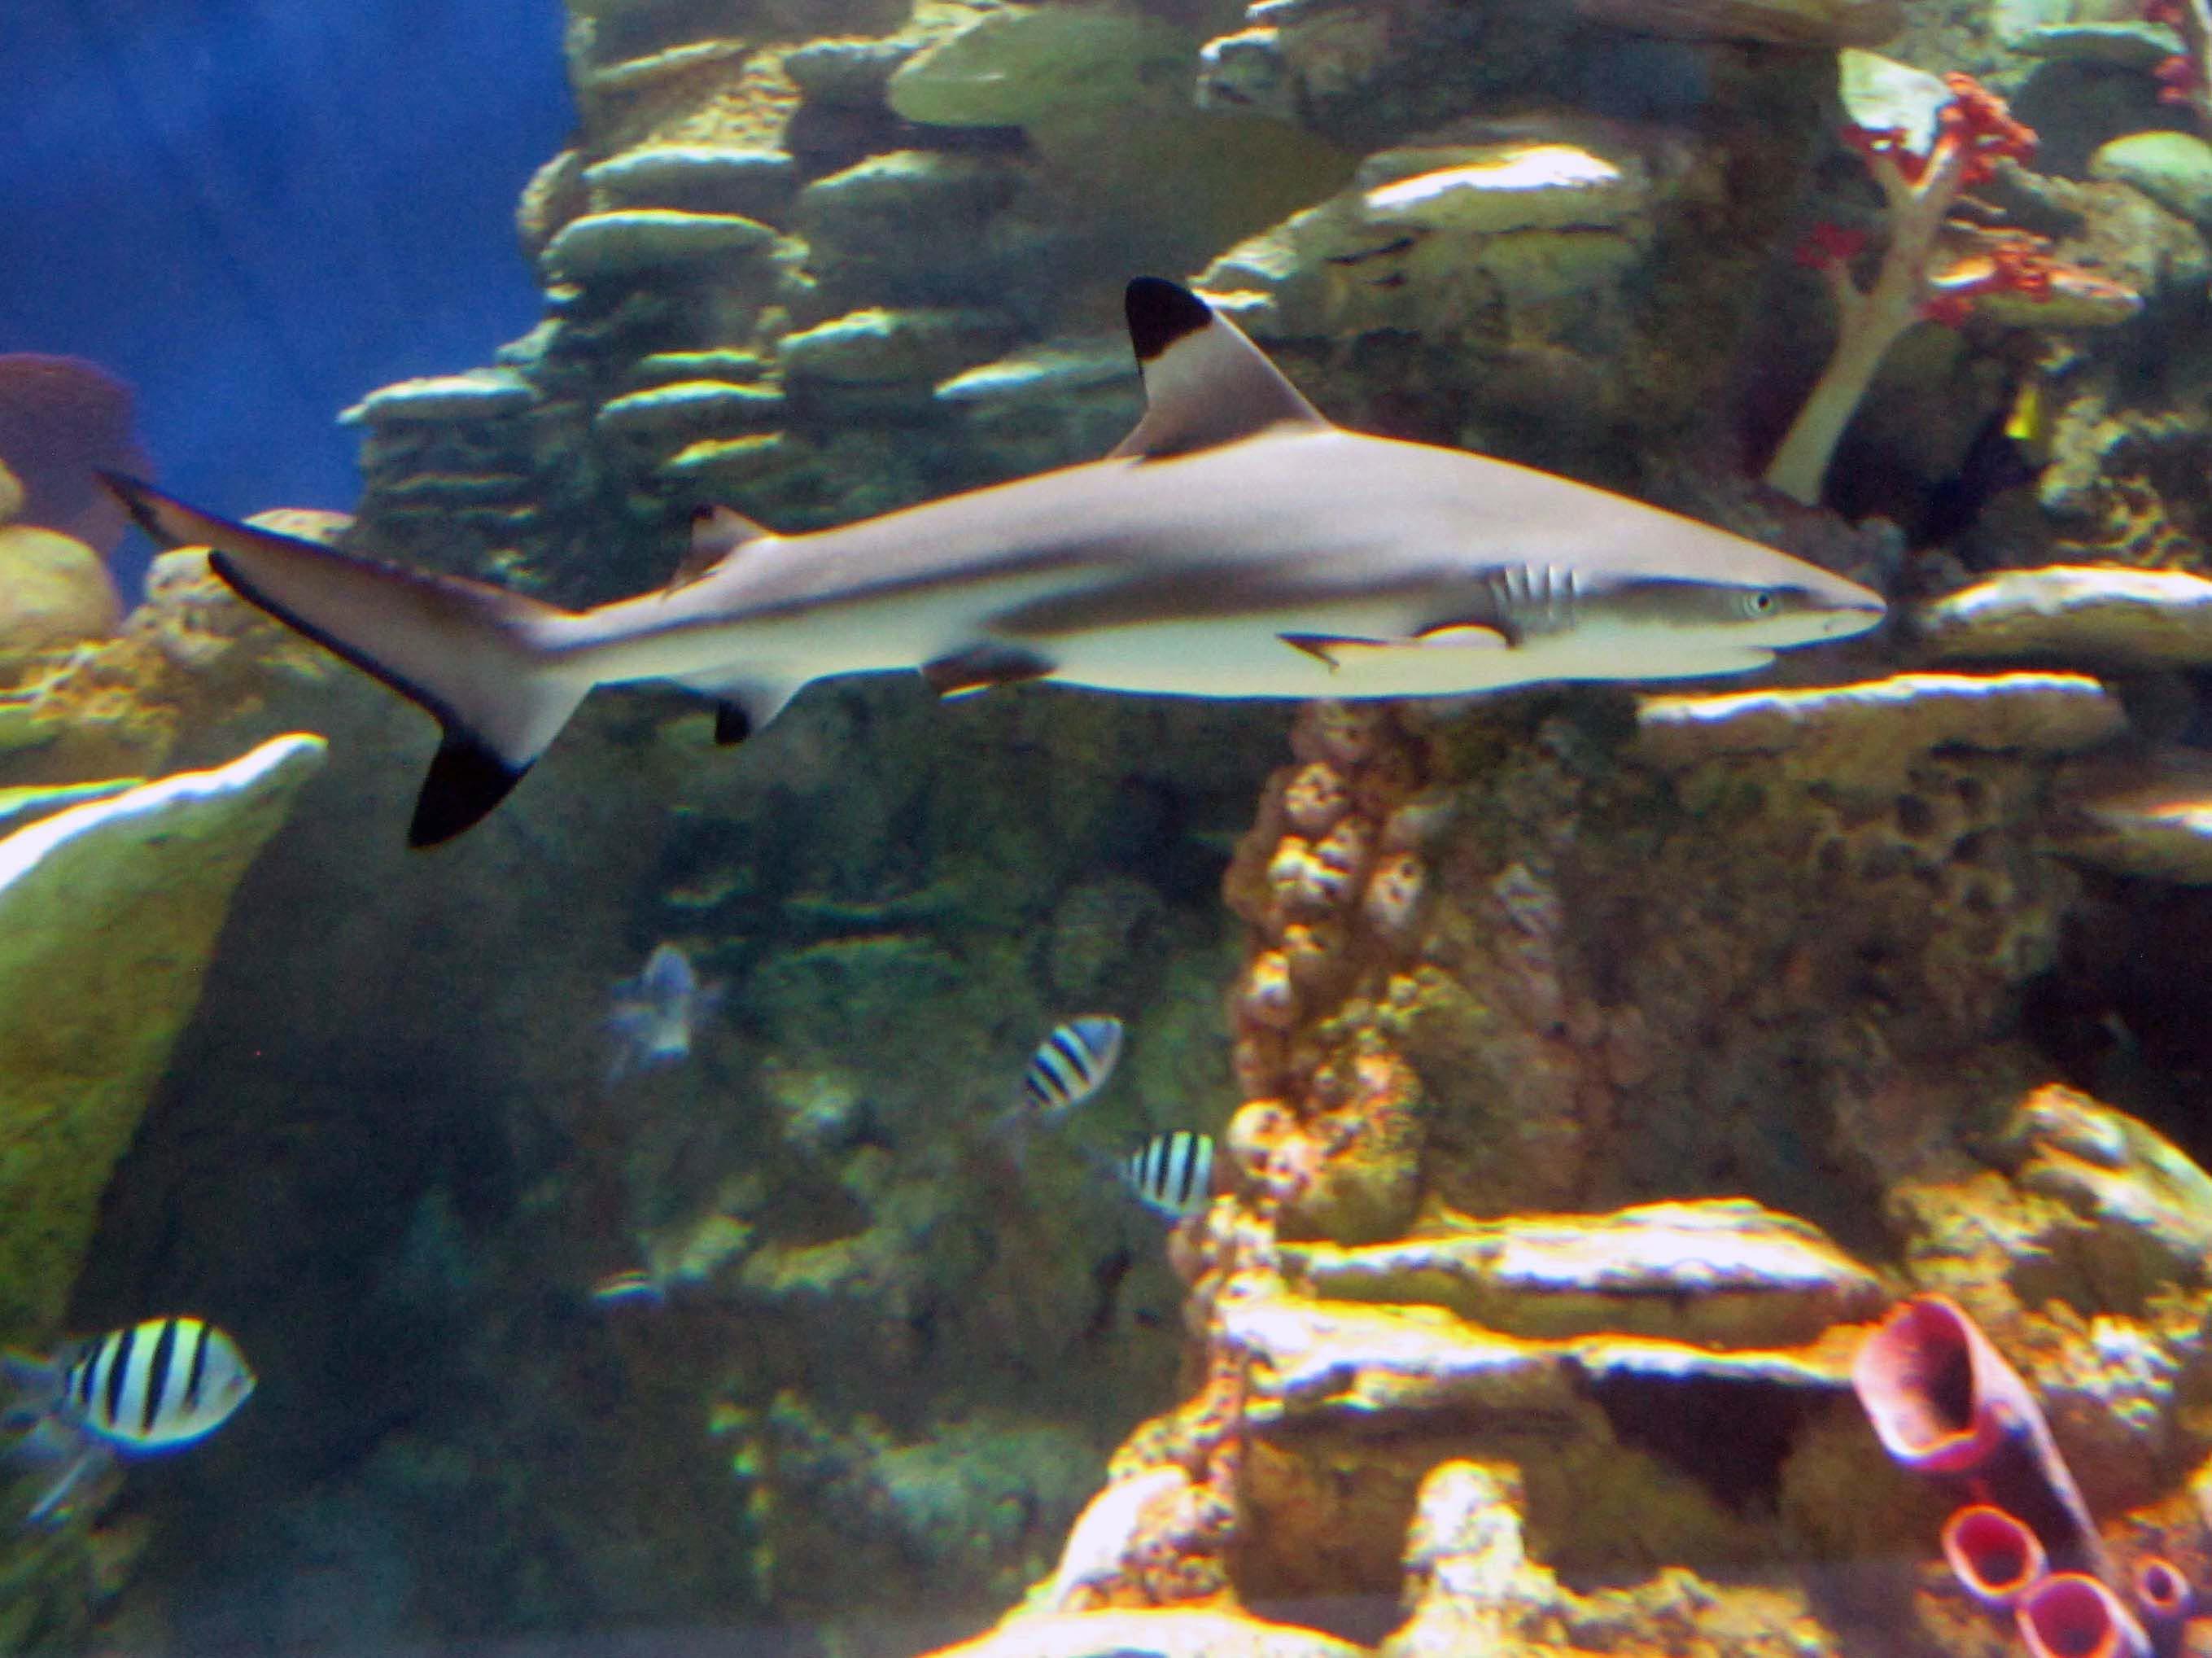 Fish aquarium in jeddah - Aquarium